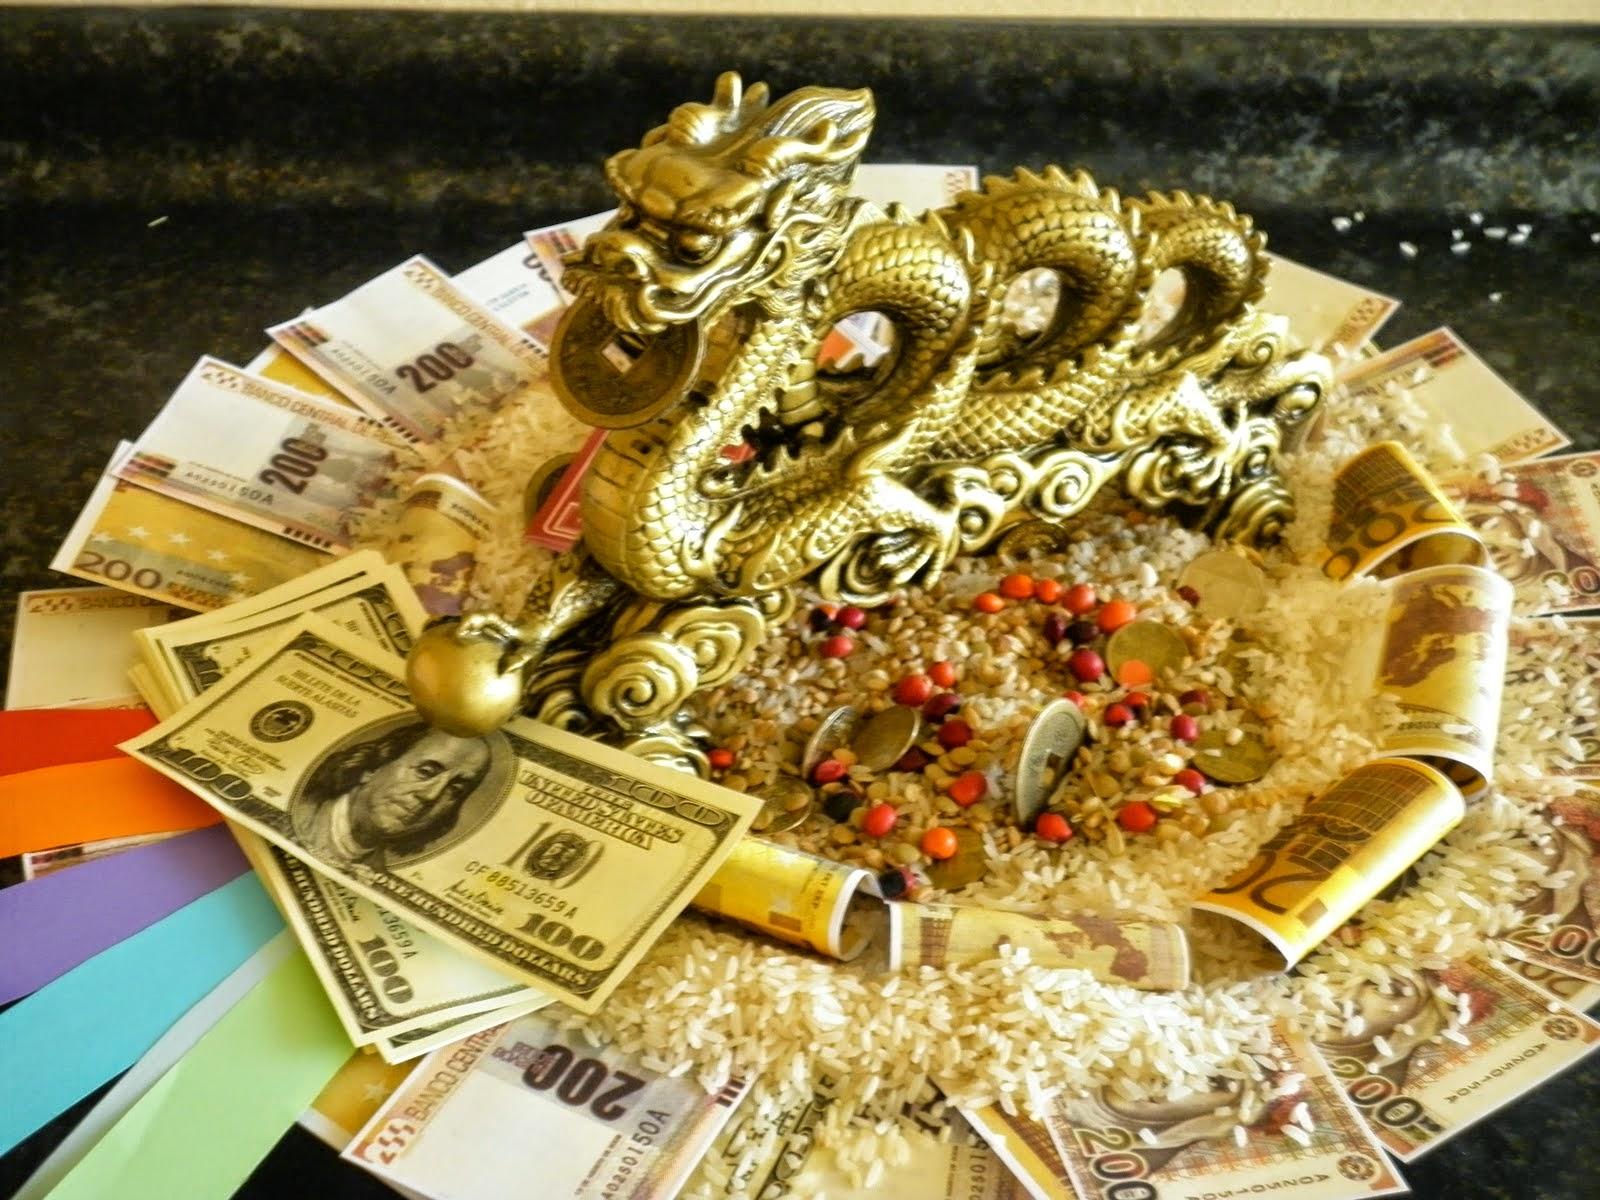 Feng shui para el dinero latest rana de tres patas dorada - Atraer dinero feng shui ...